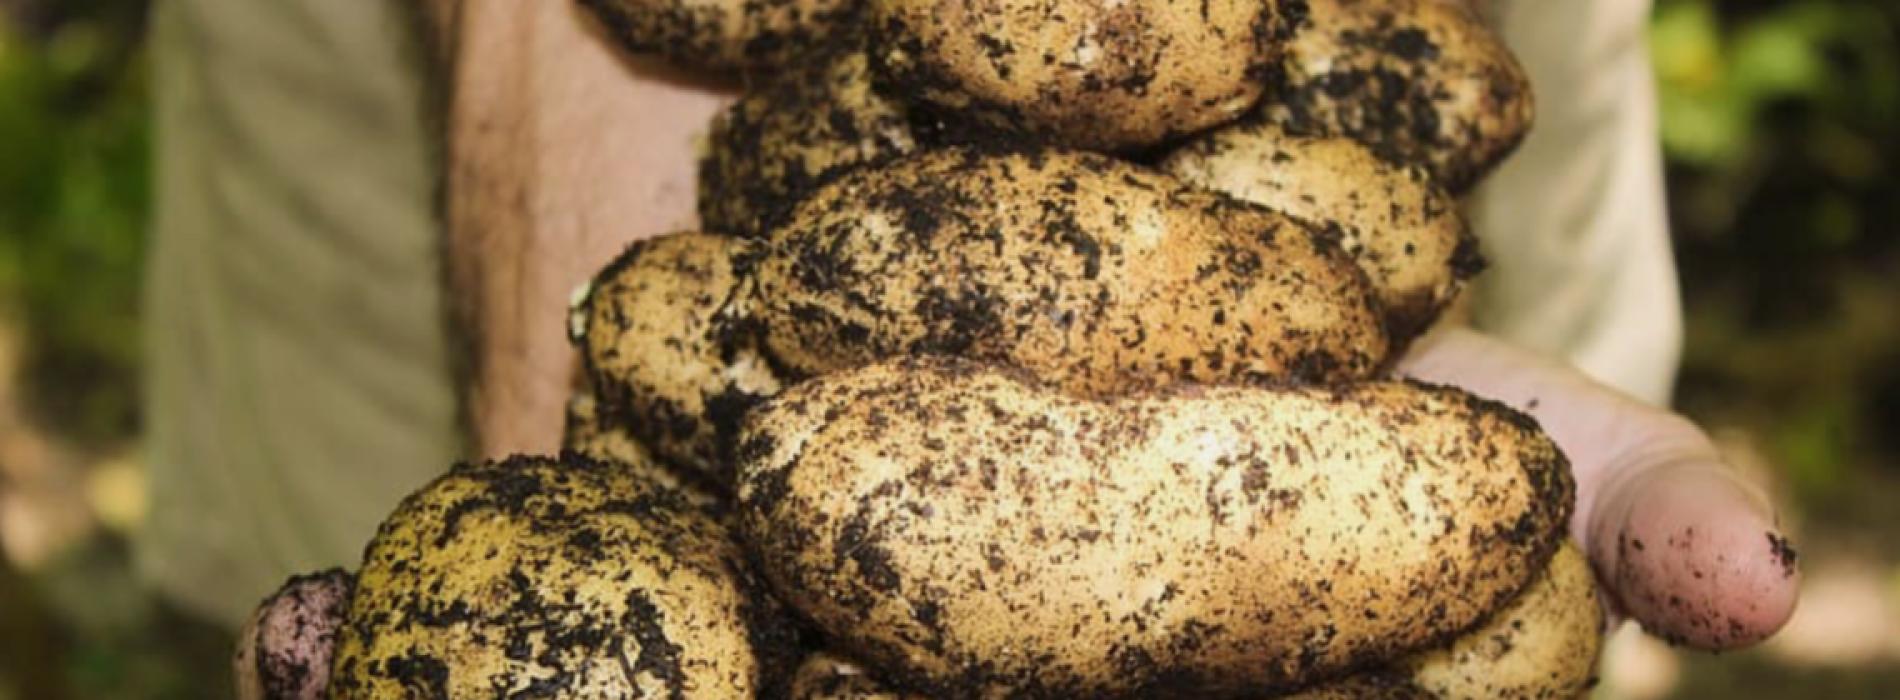 Volg deze 4 eenvoudige stappen om honderd pond aardappelen in een vat te laten groeien